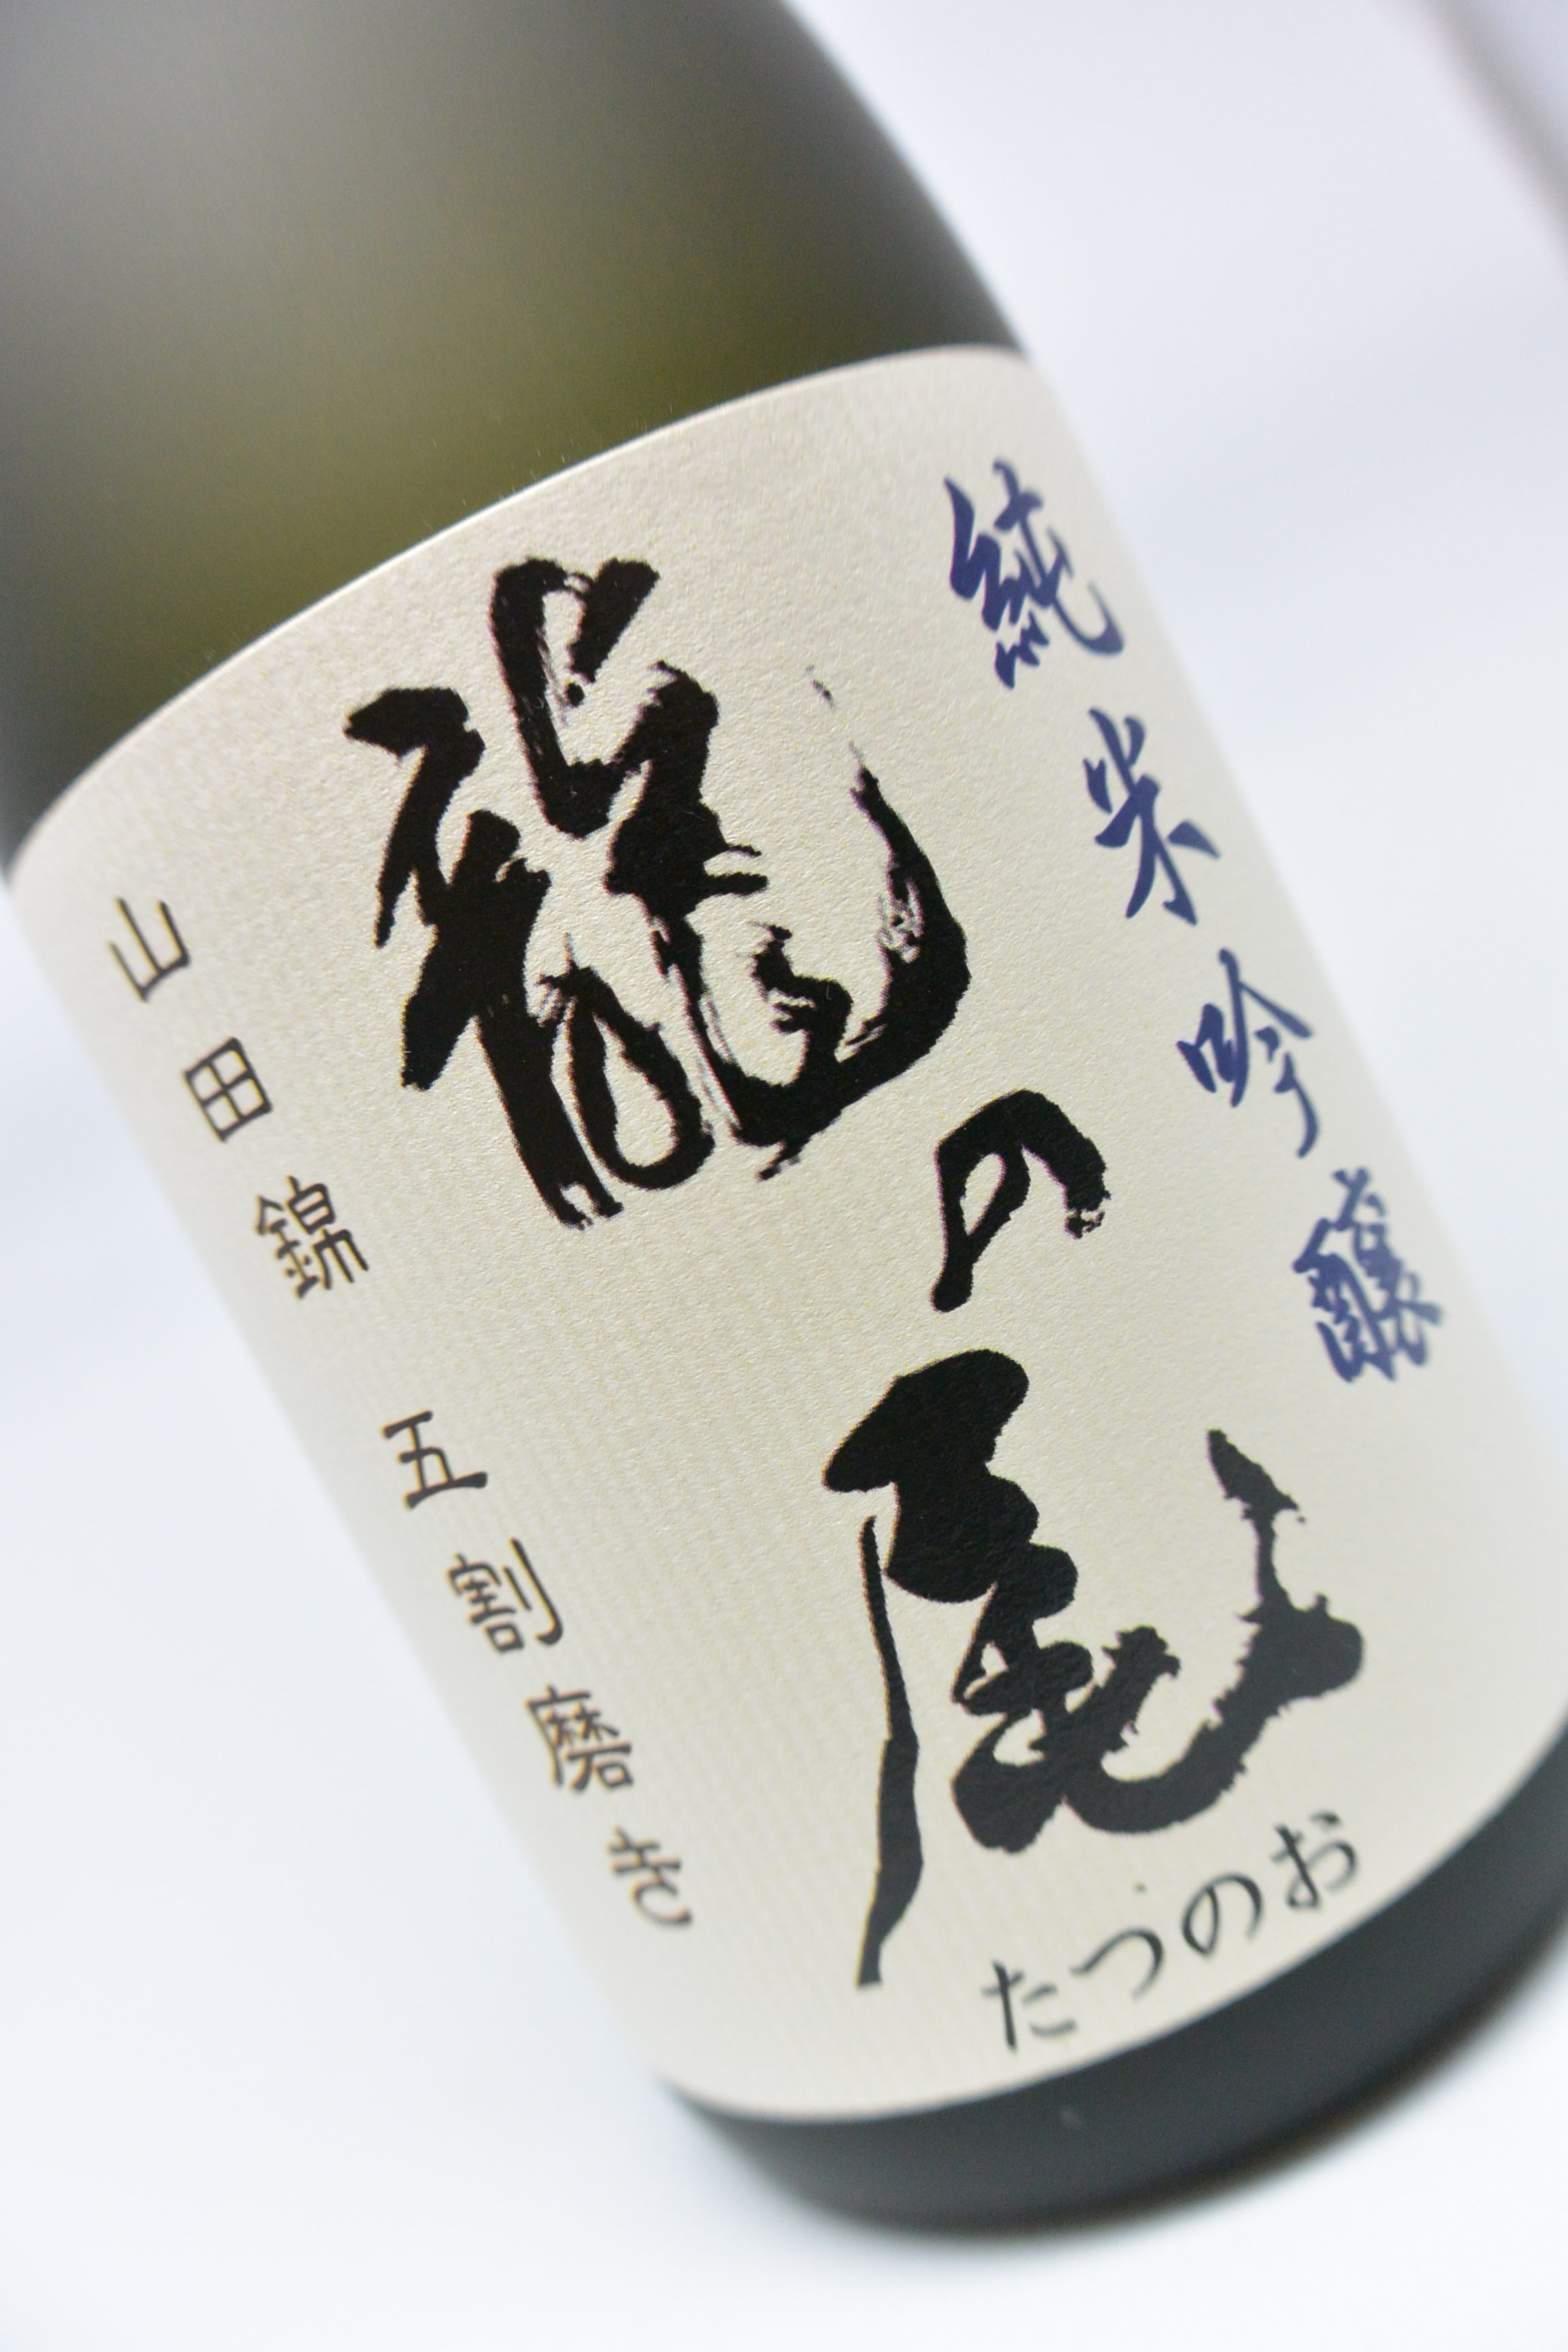 龍の尾 純米吟醸 五割磨き